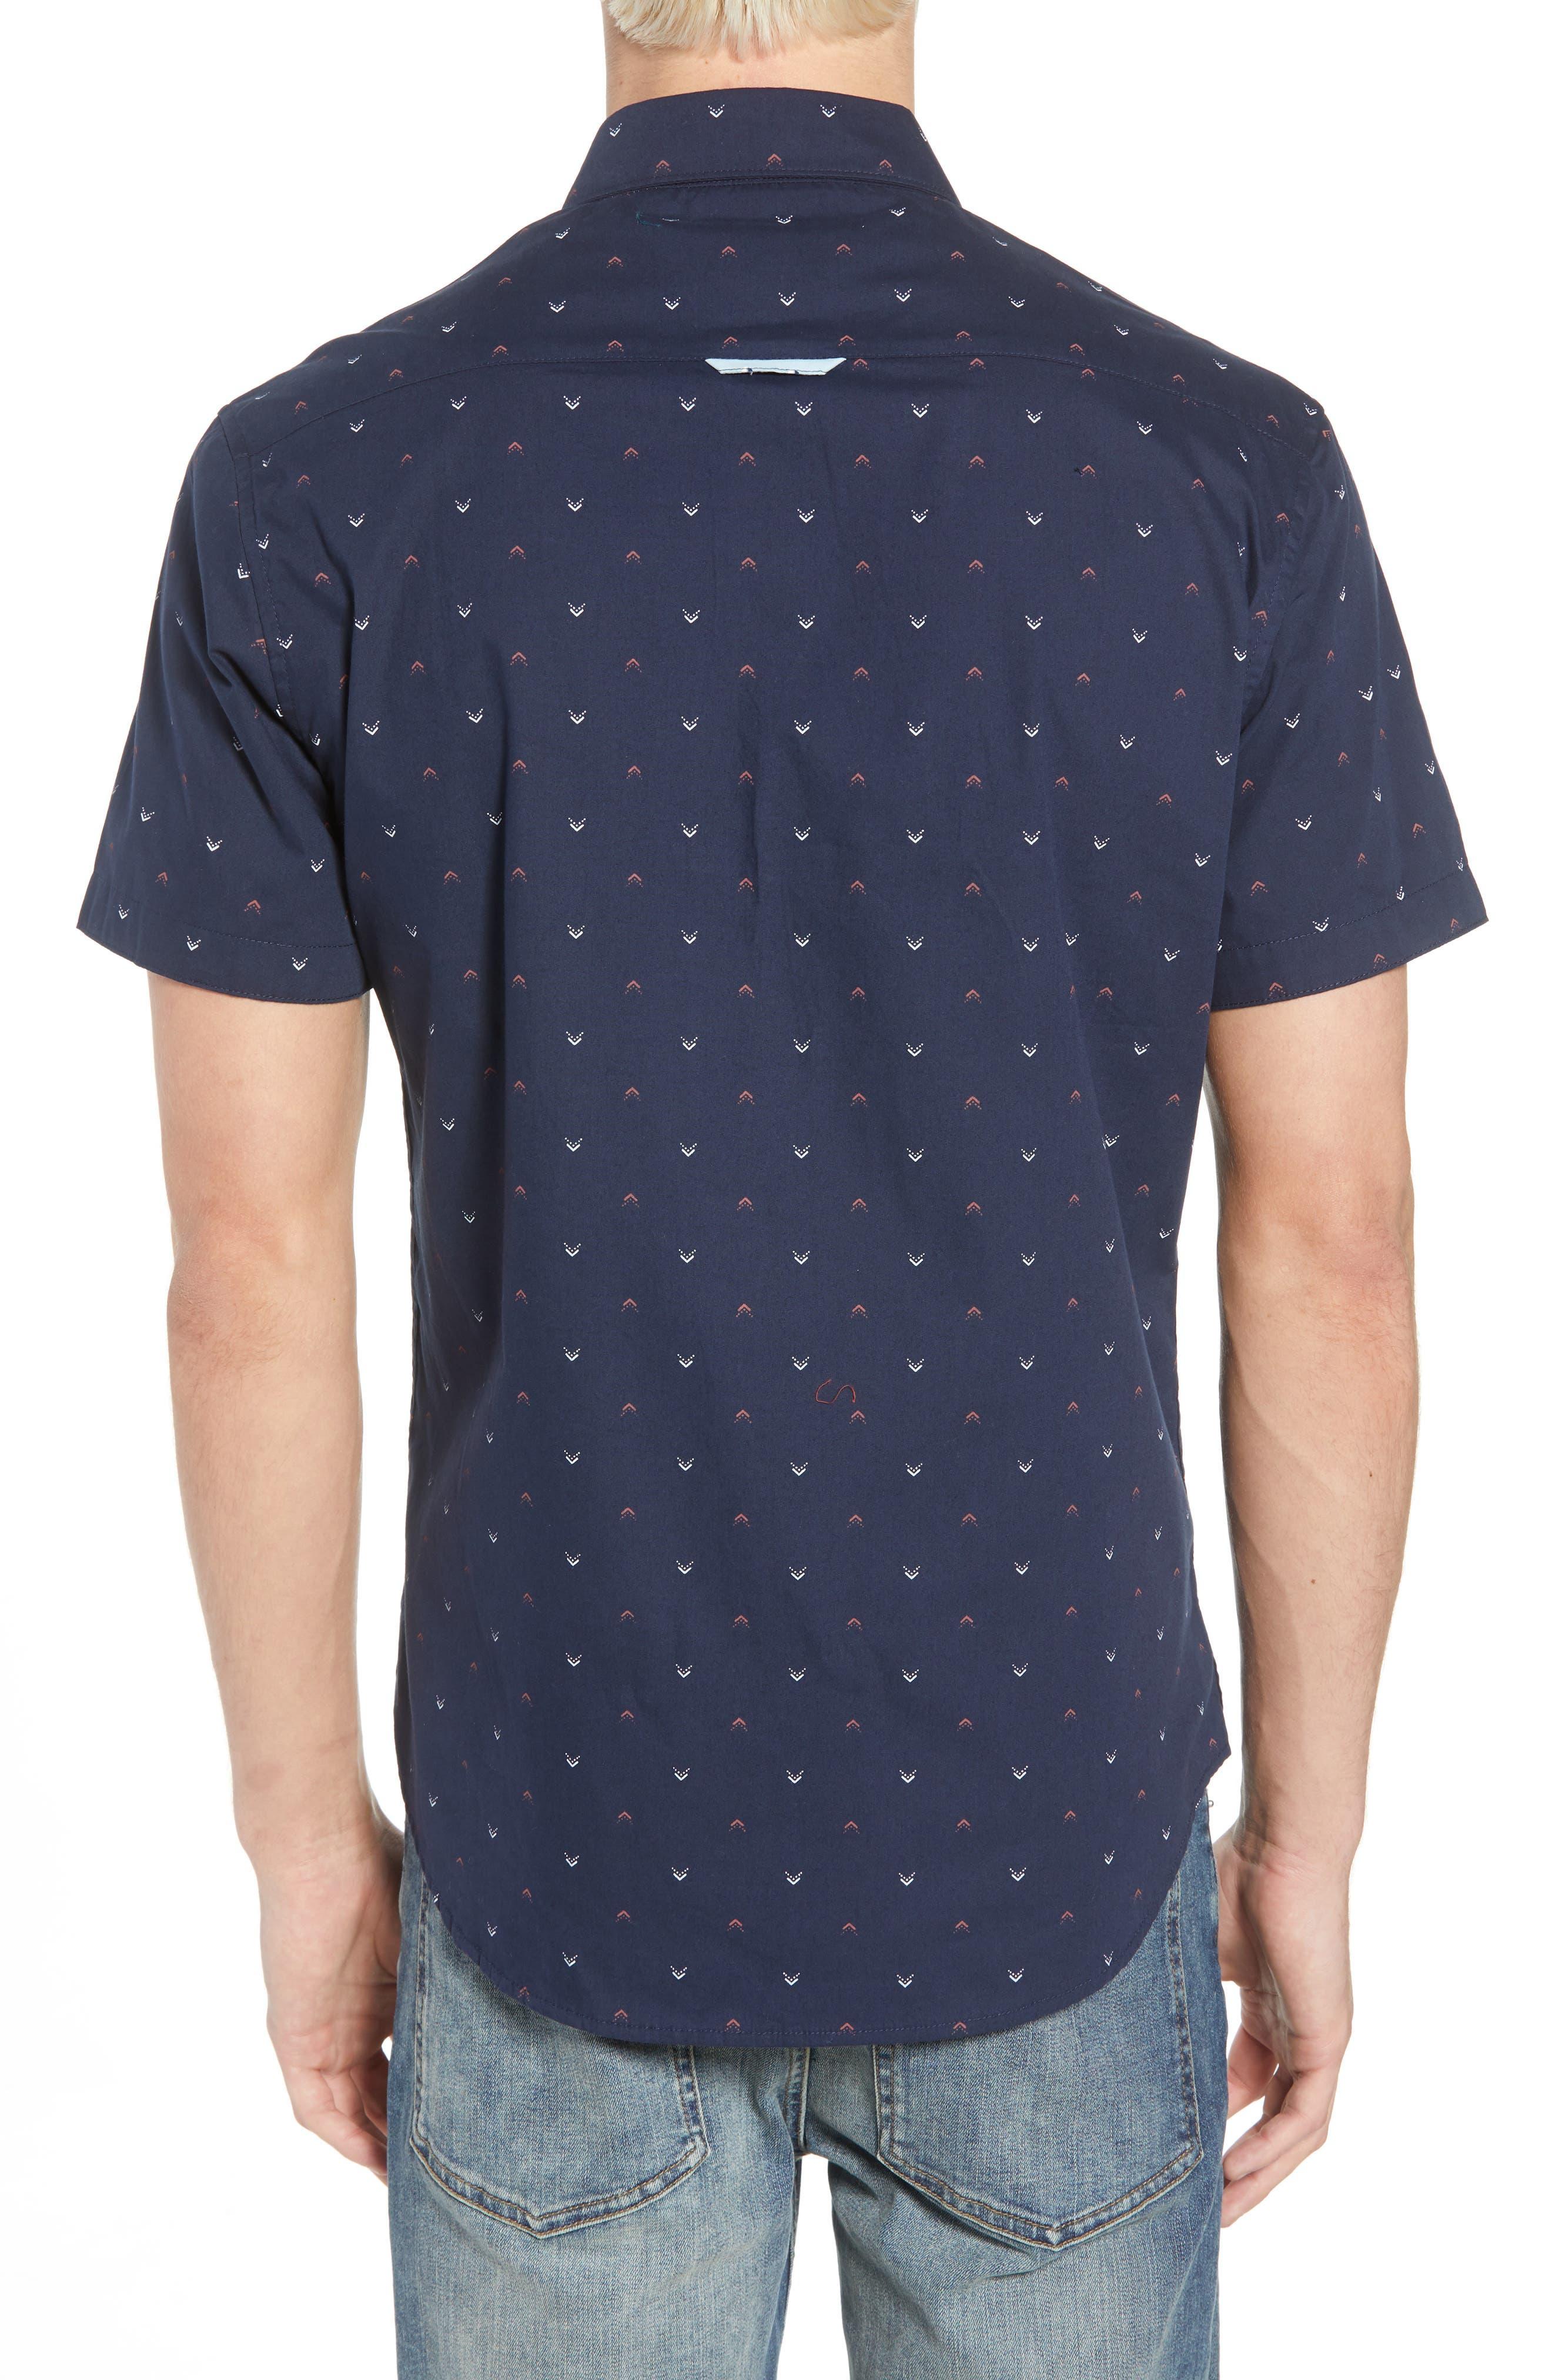 Victory Lap Trim Fit Sport Shirt,                             Alternate thumbnail 3, color,                             NAVY